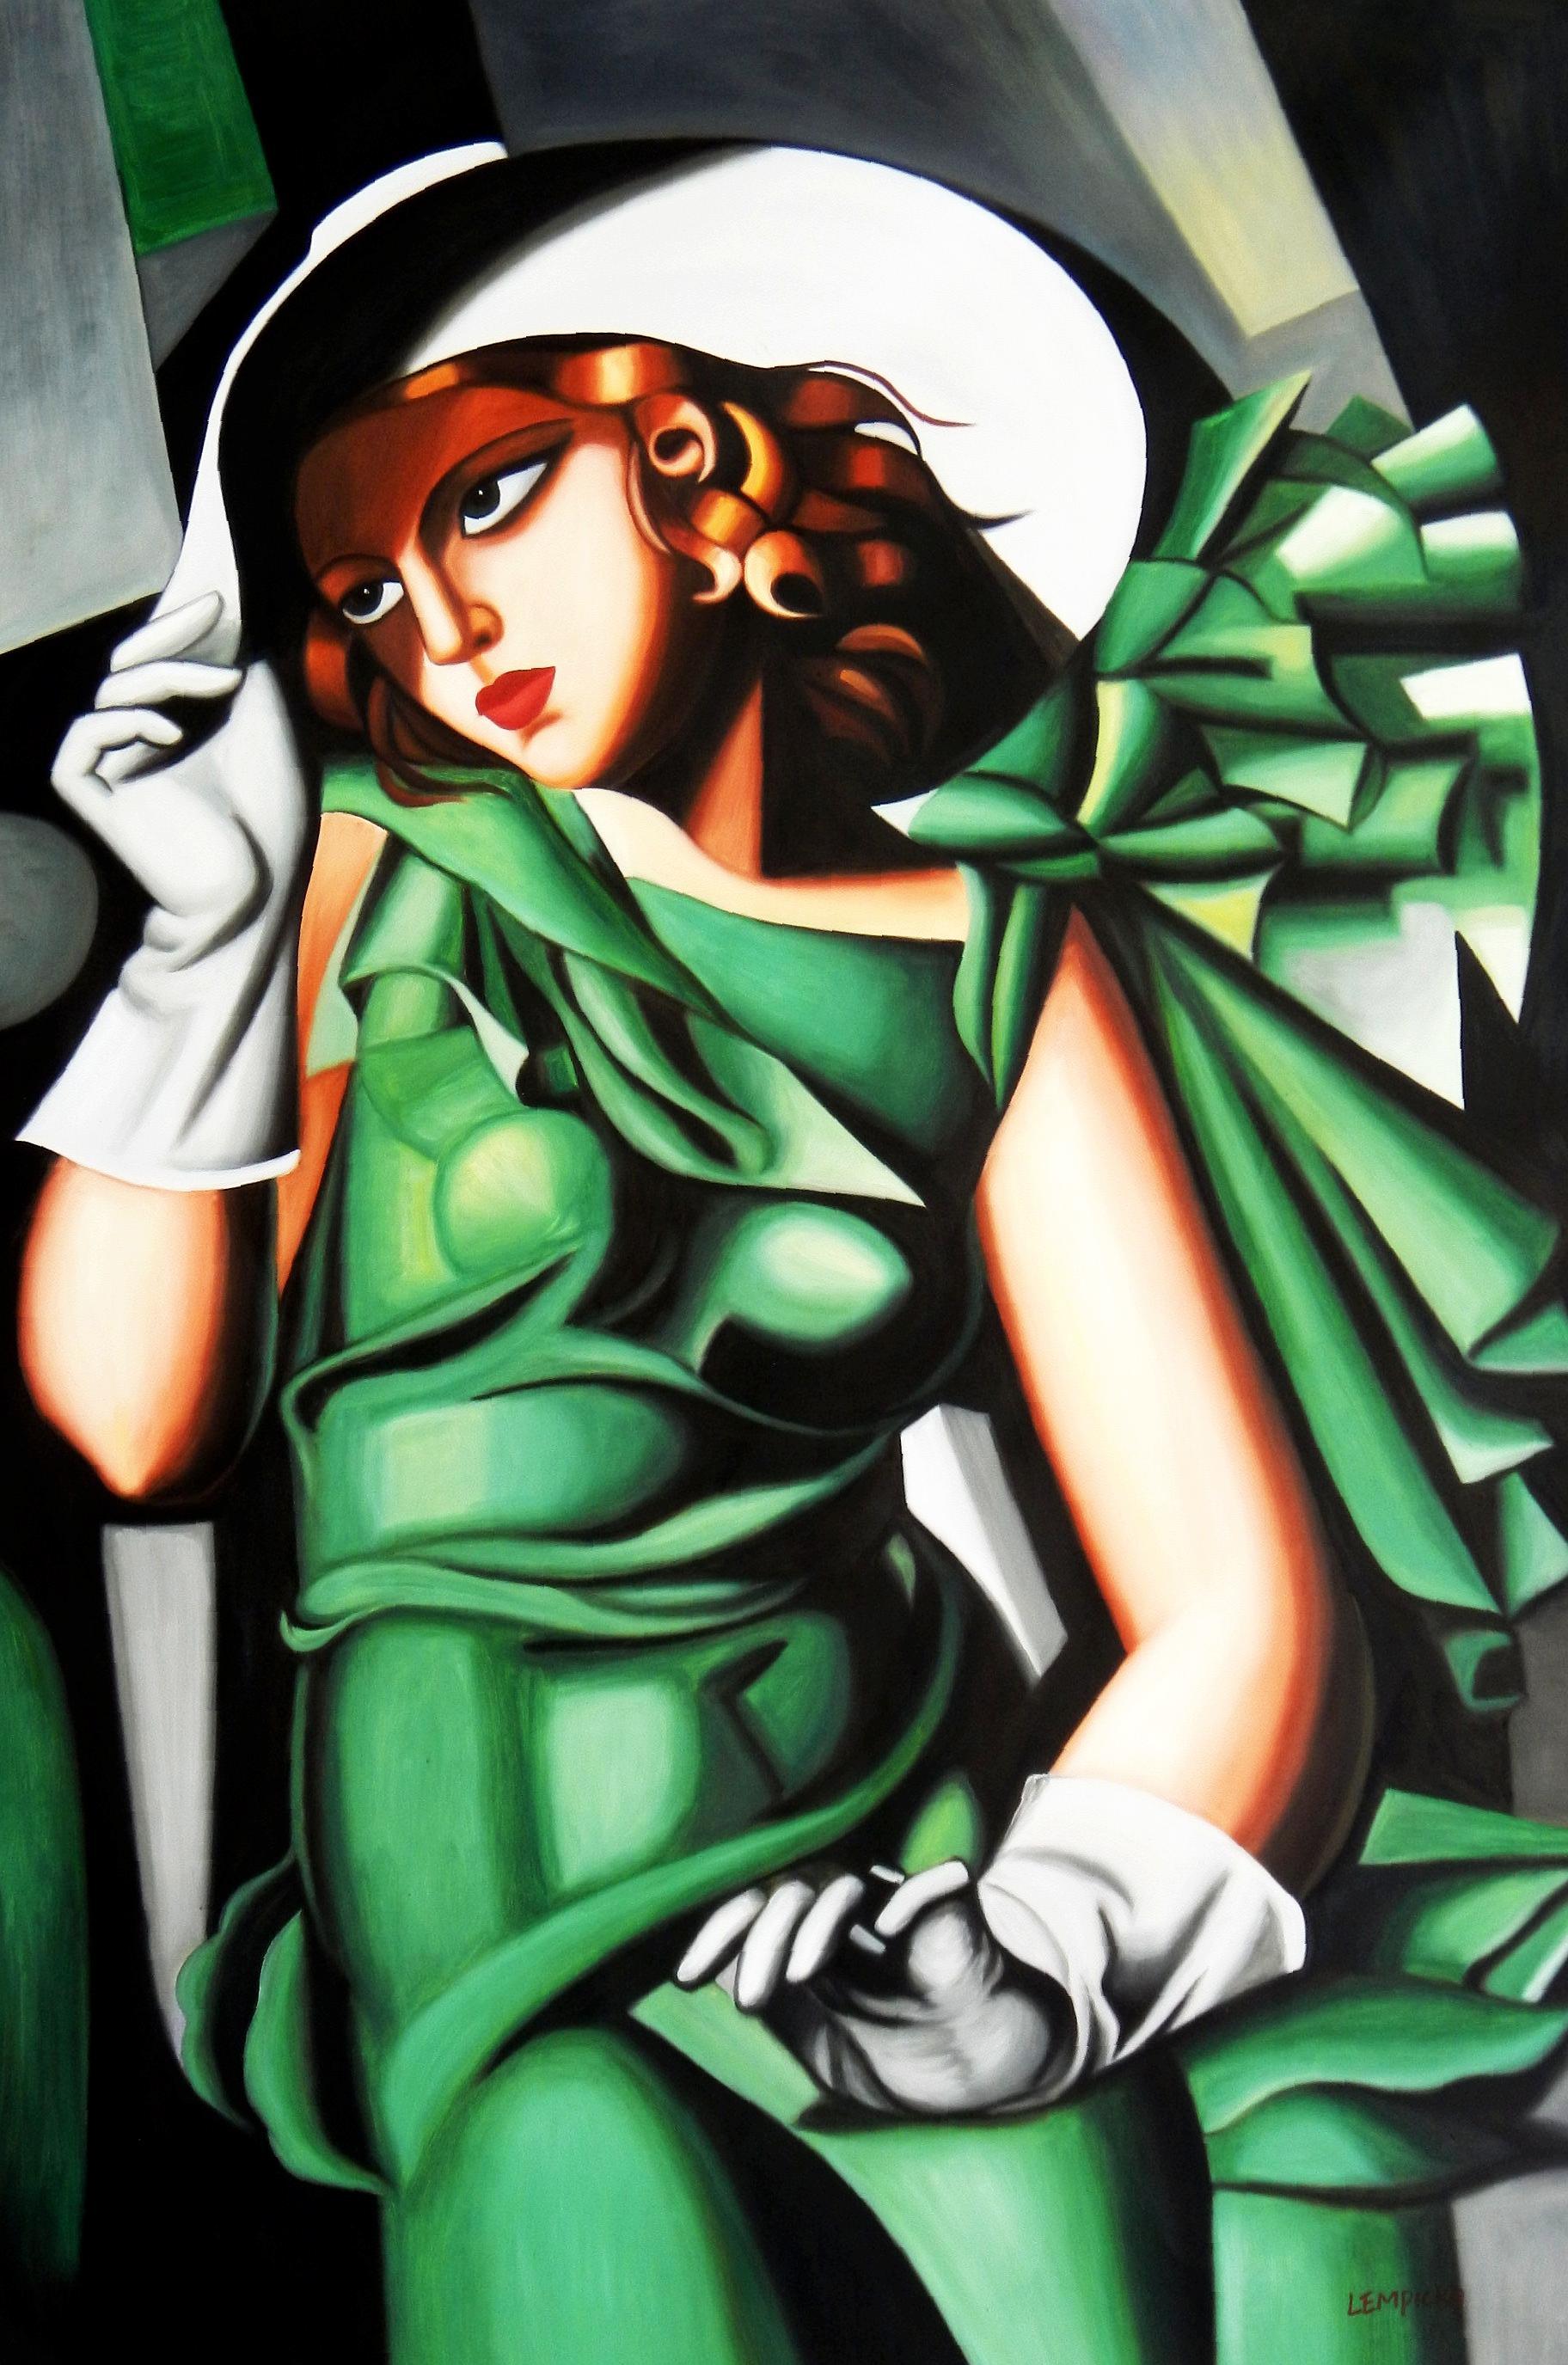 Homage to T. de Lempicka - Mädchen in Grün mit Handschuhen p94732 120x180cm Ölbild